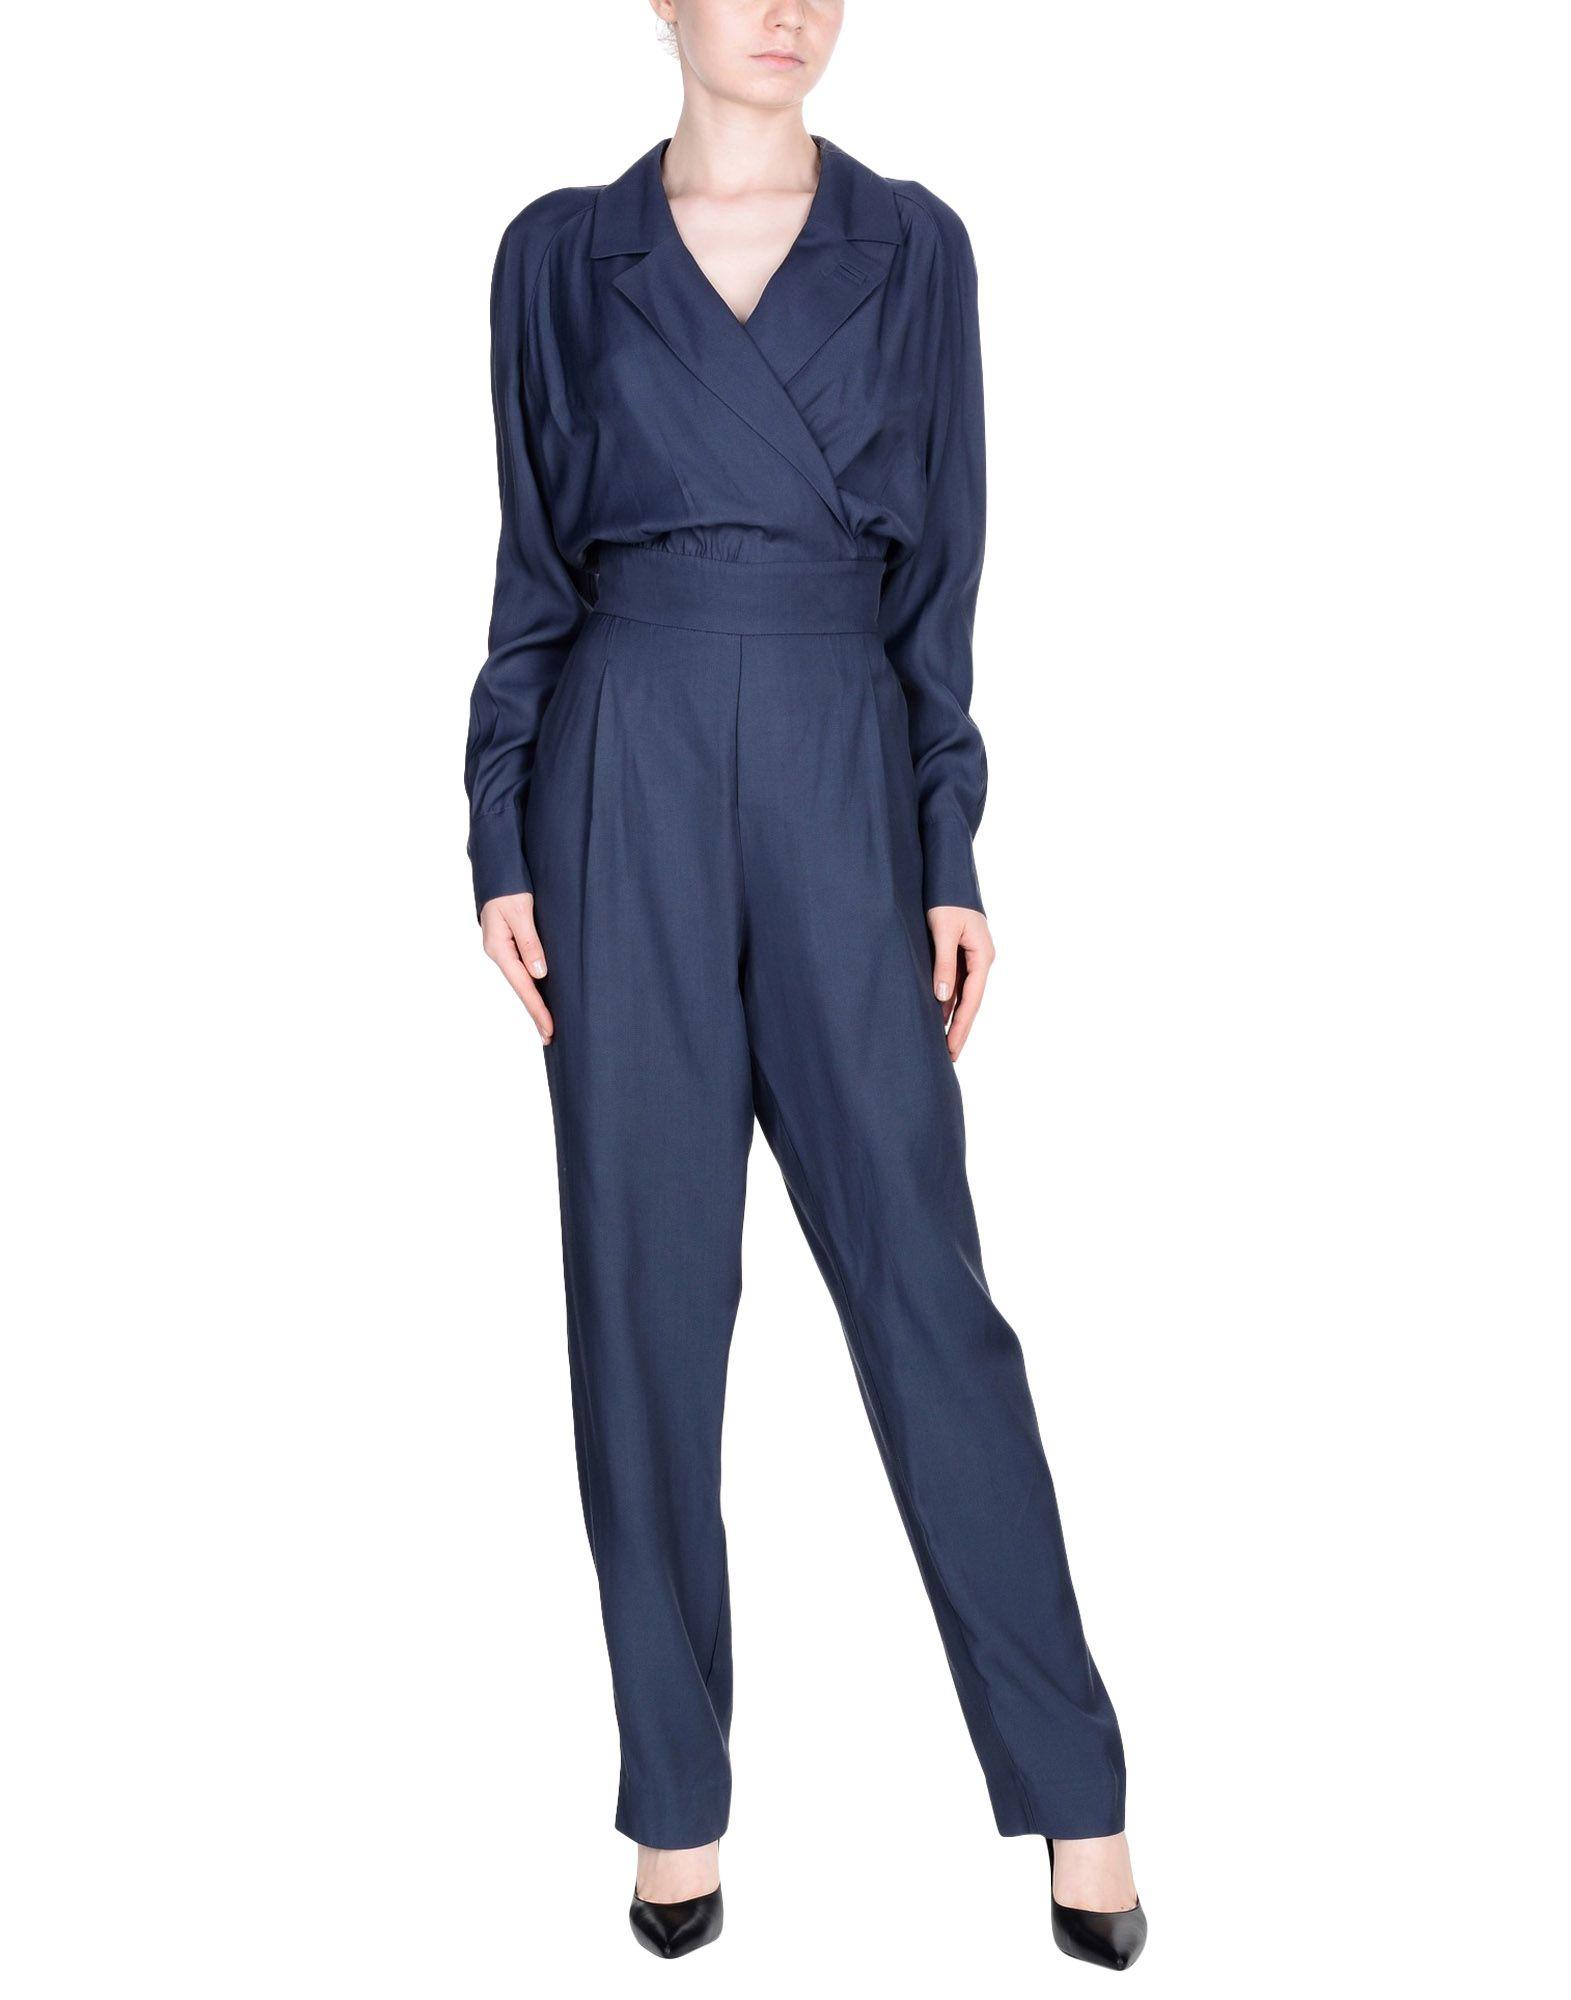 TOPSHOP UNIQUE Комбинезоны без бретелей topshop unique джинсовая верхняя одежда